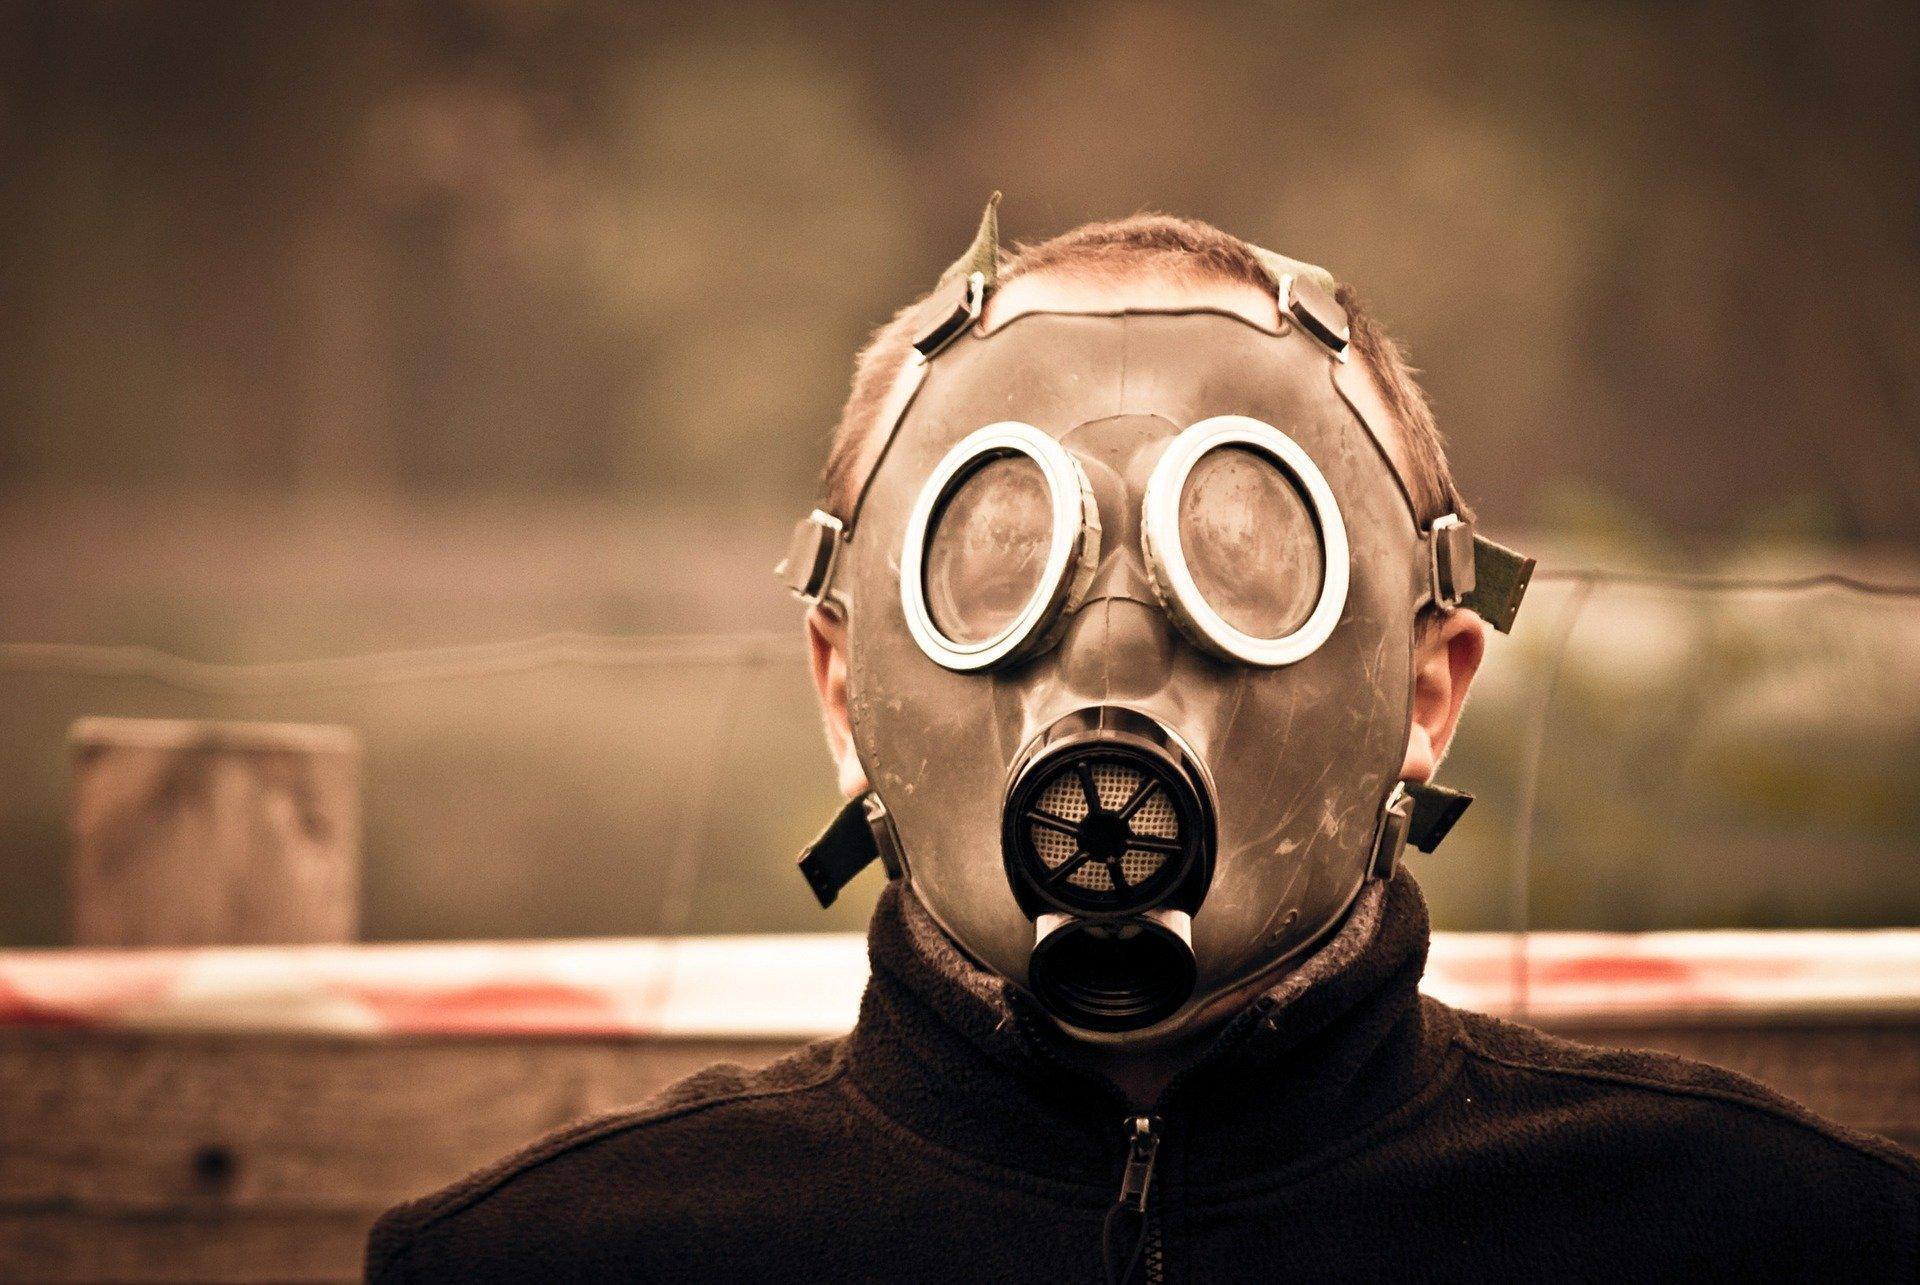 【炎上必至】新型コロナウイルスに対する考察